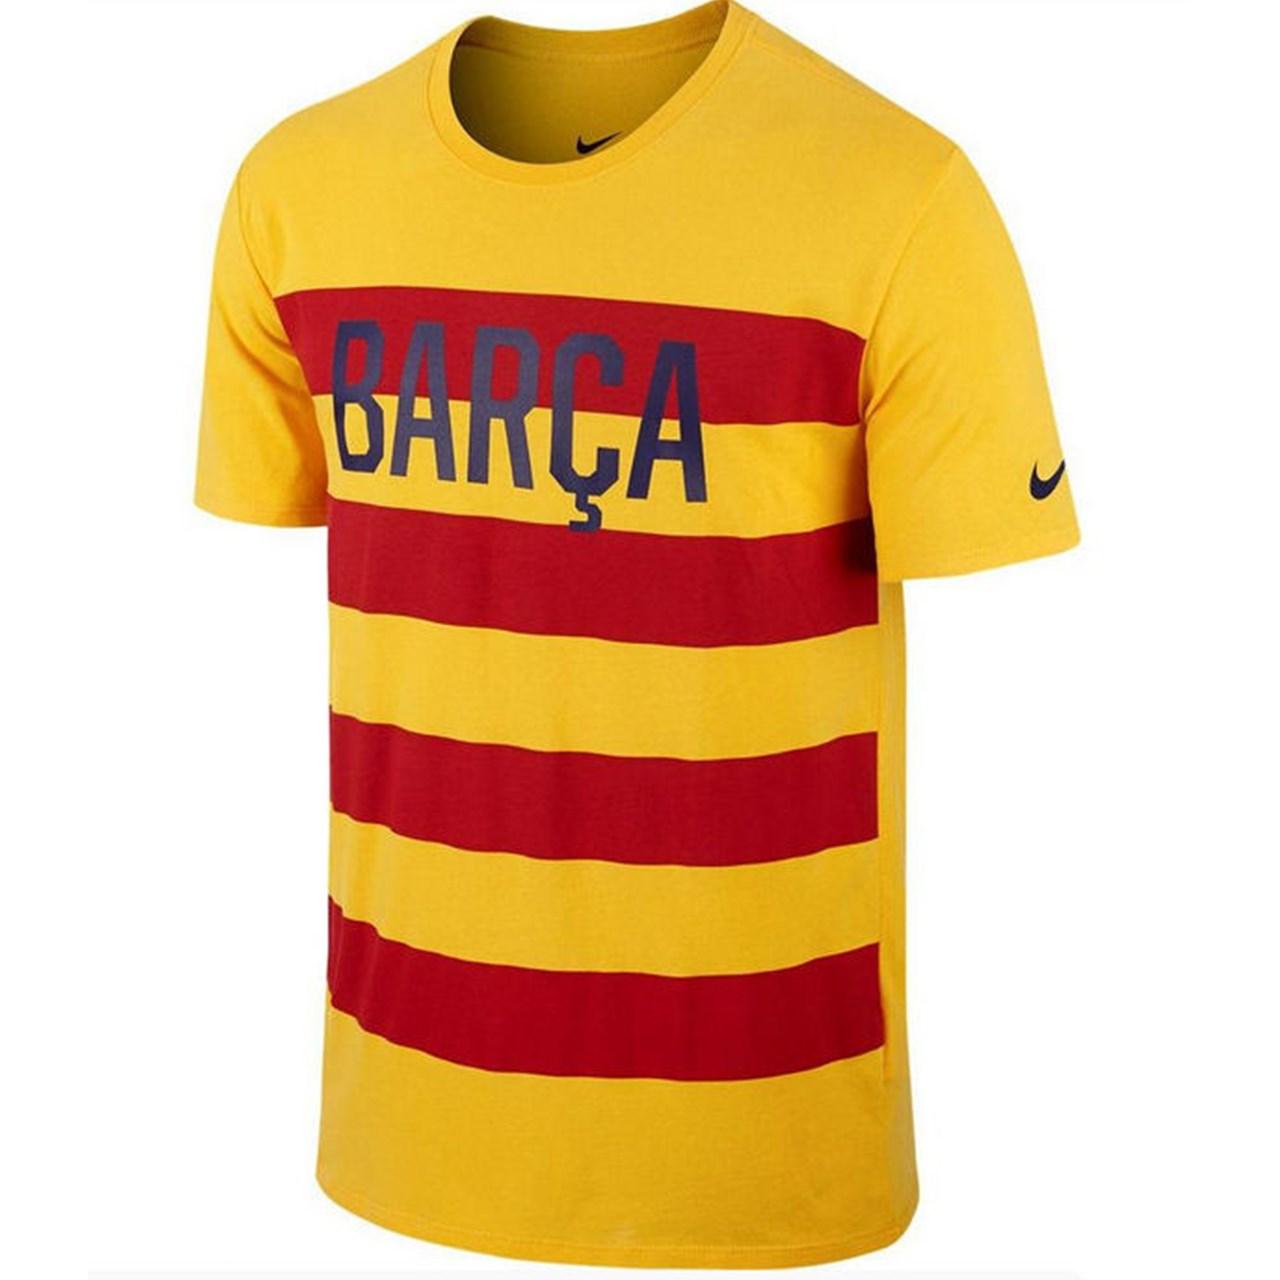 تی شرت مردانه نایکی مدل Barcelona